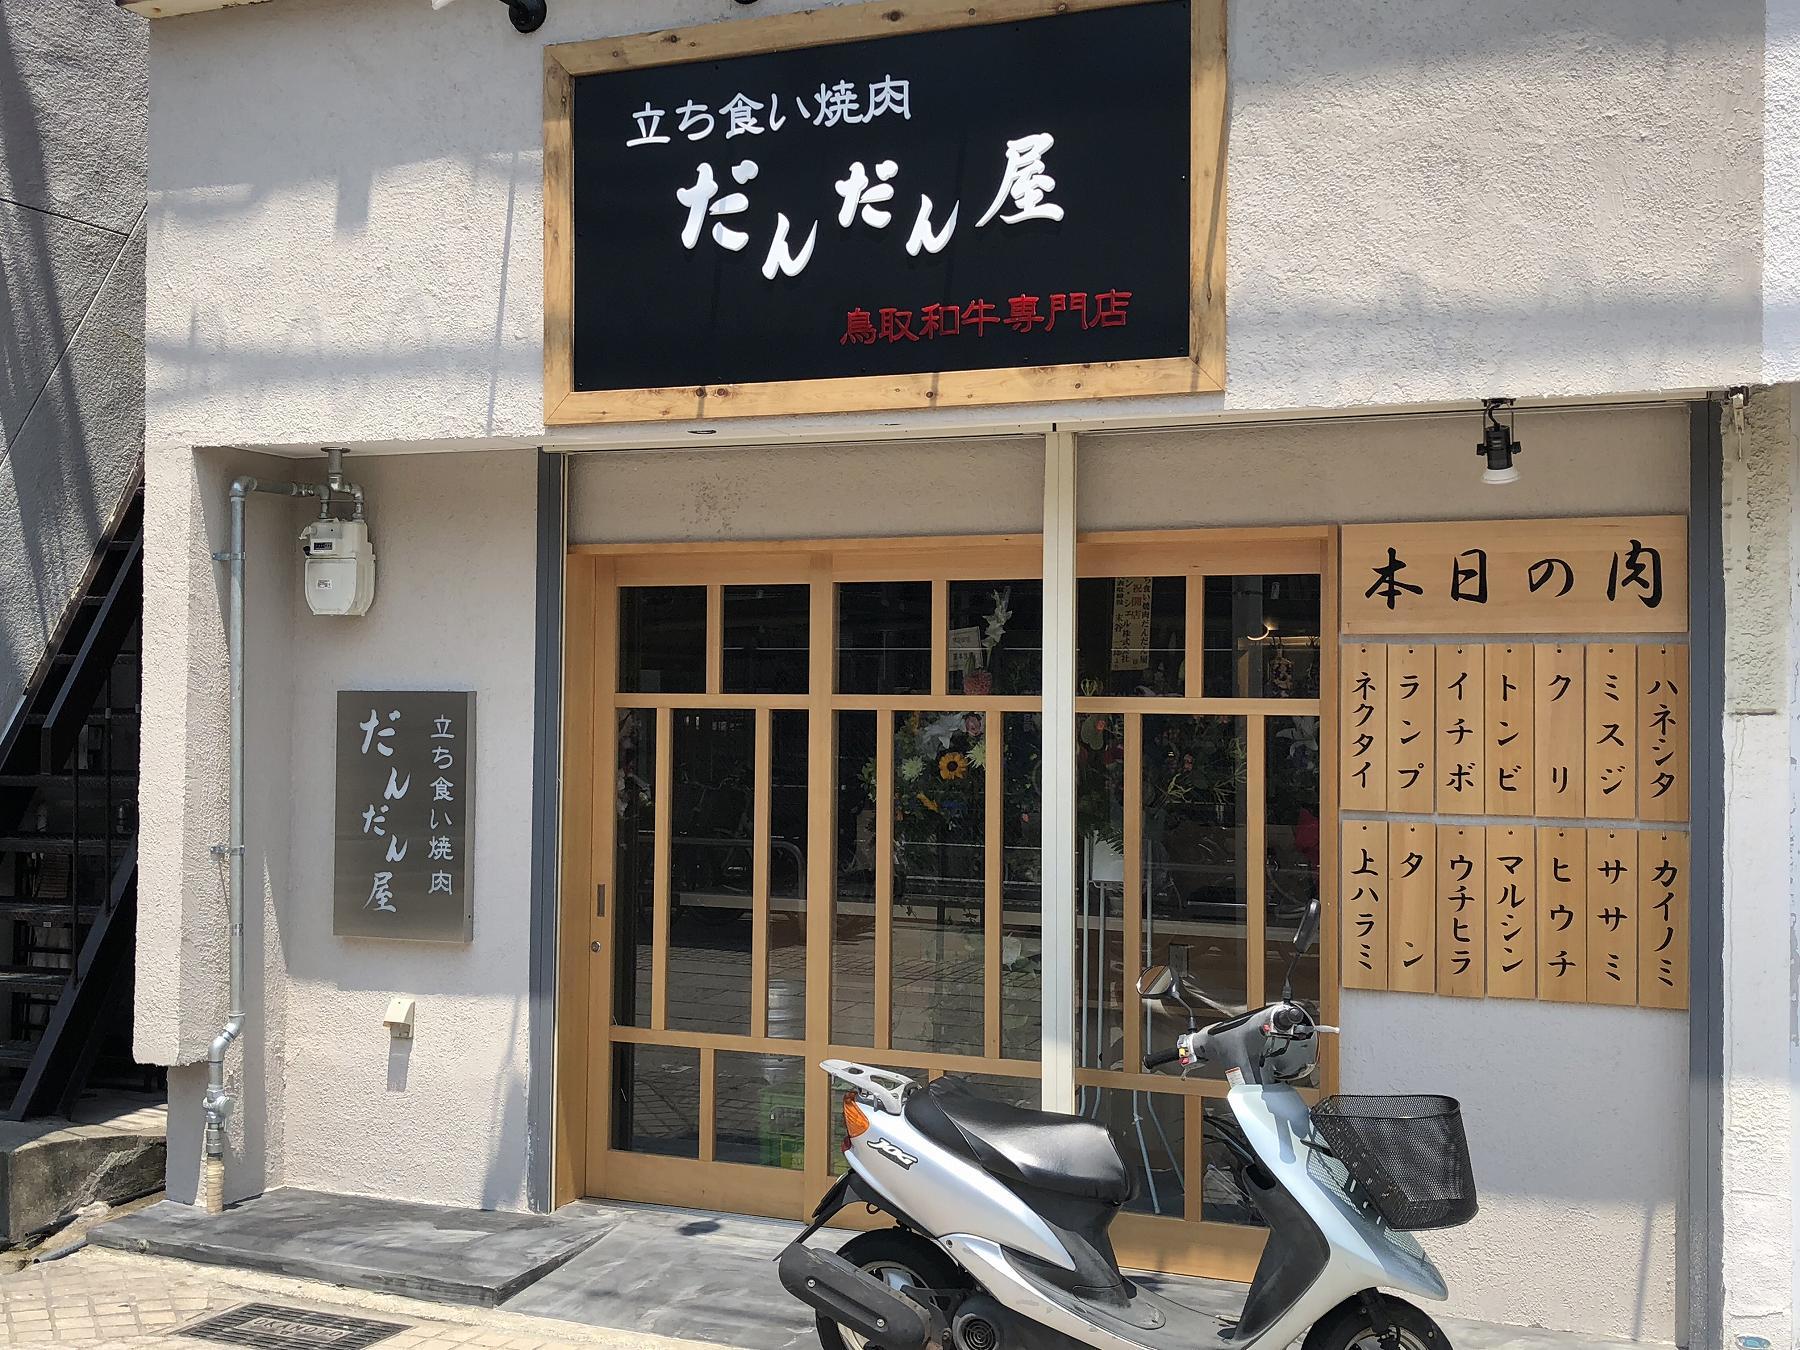 神戸・摂津本山にあった「ひつじ書房」跡に、2018年7月18日 立ち食い焼肉「だんだん屋」がオープンしたよ! #新規オープン #東灘区 #摂津本山 #立ち食い焼肉